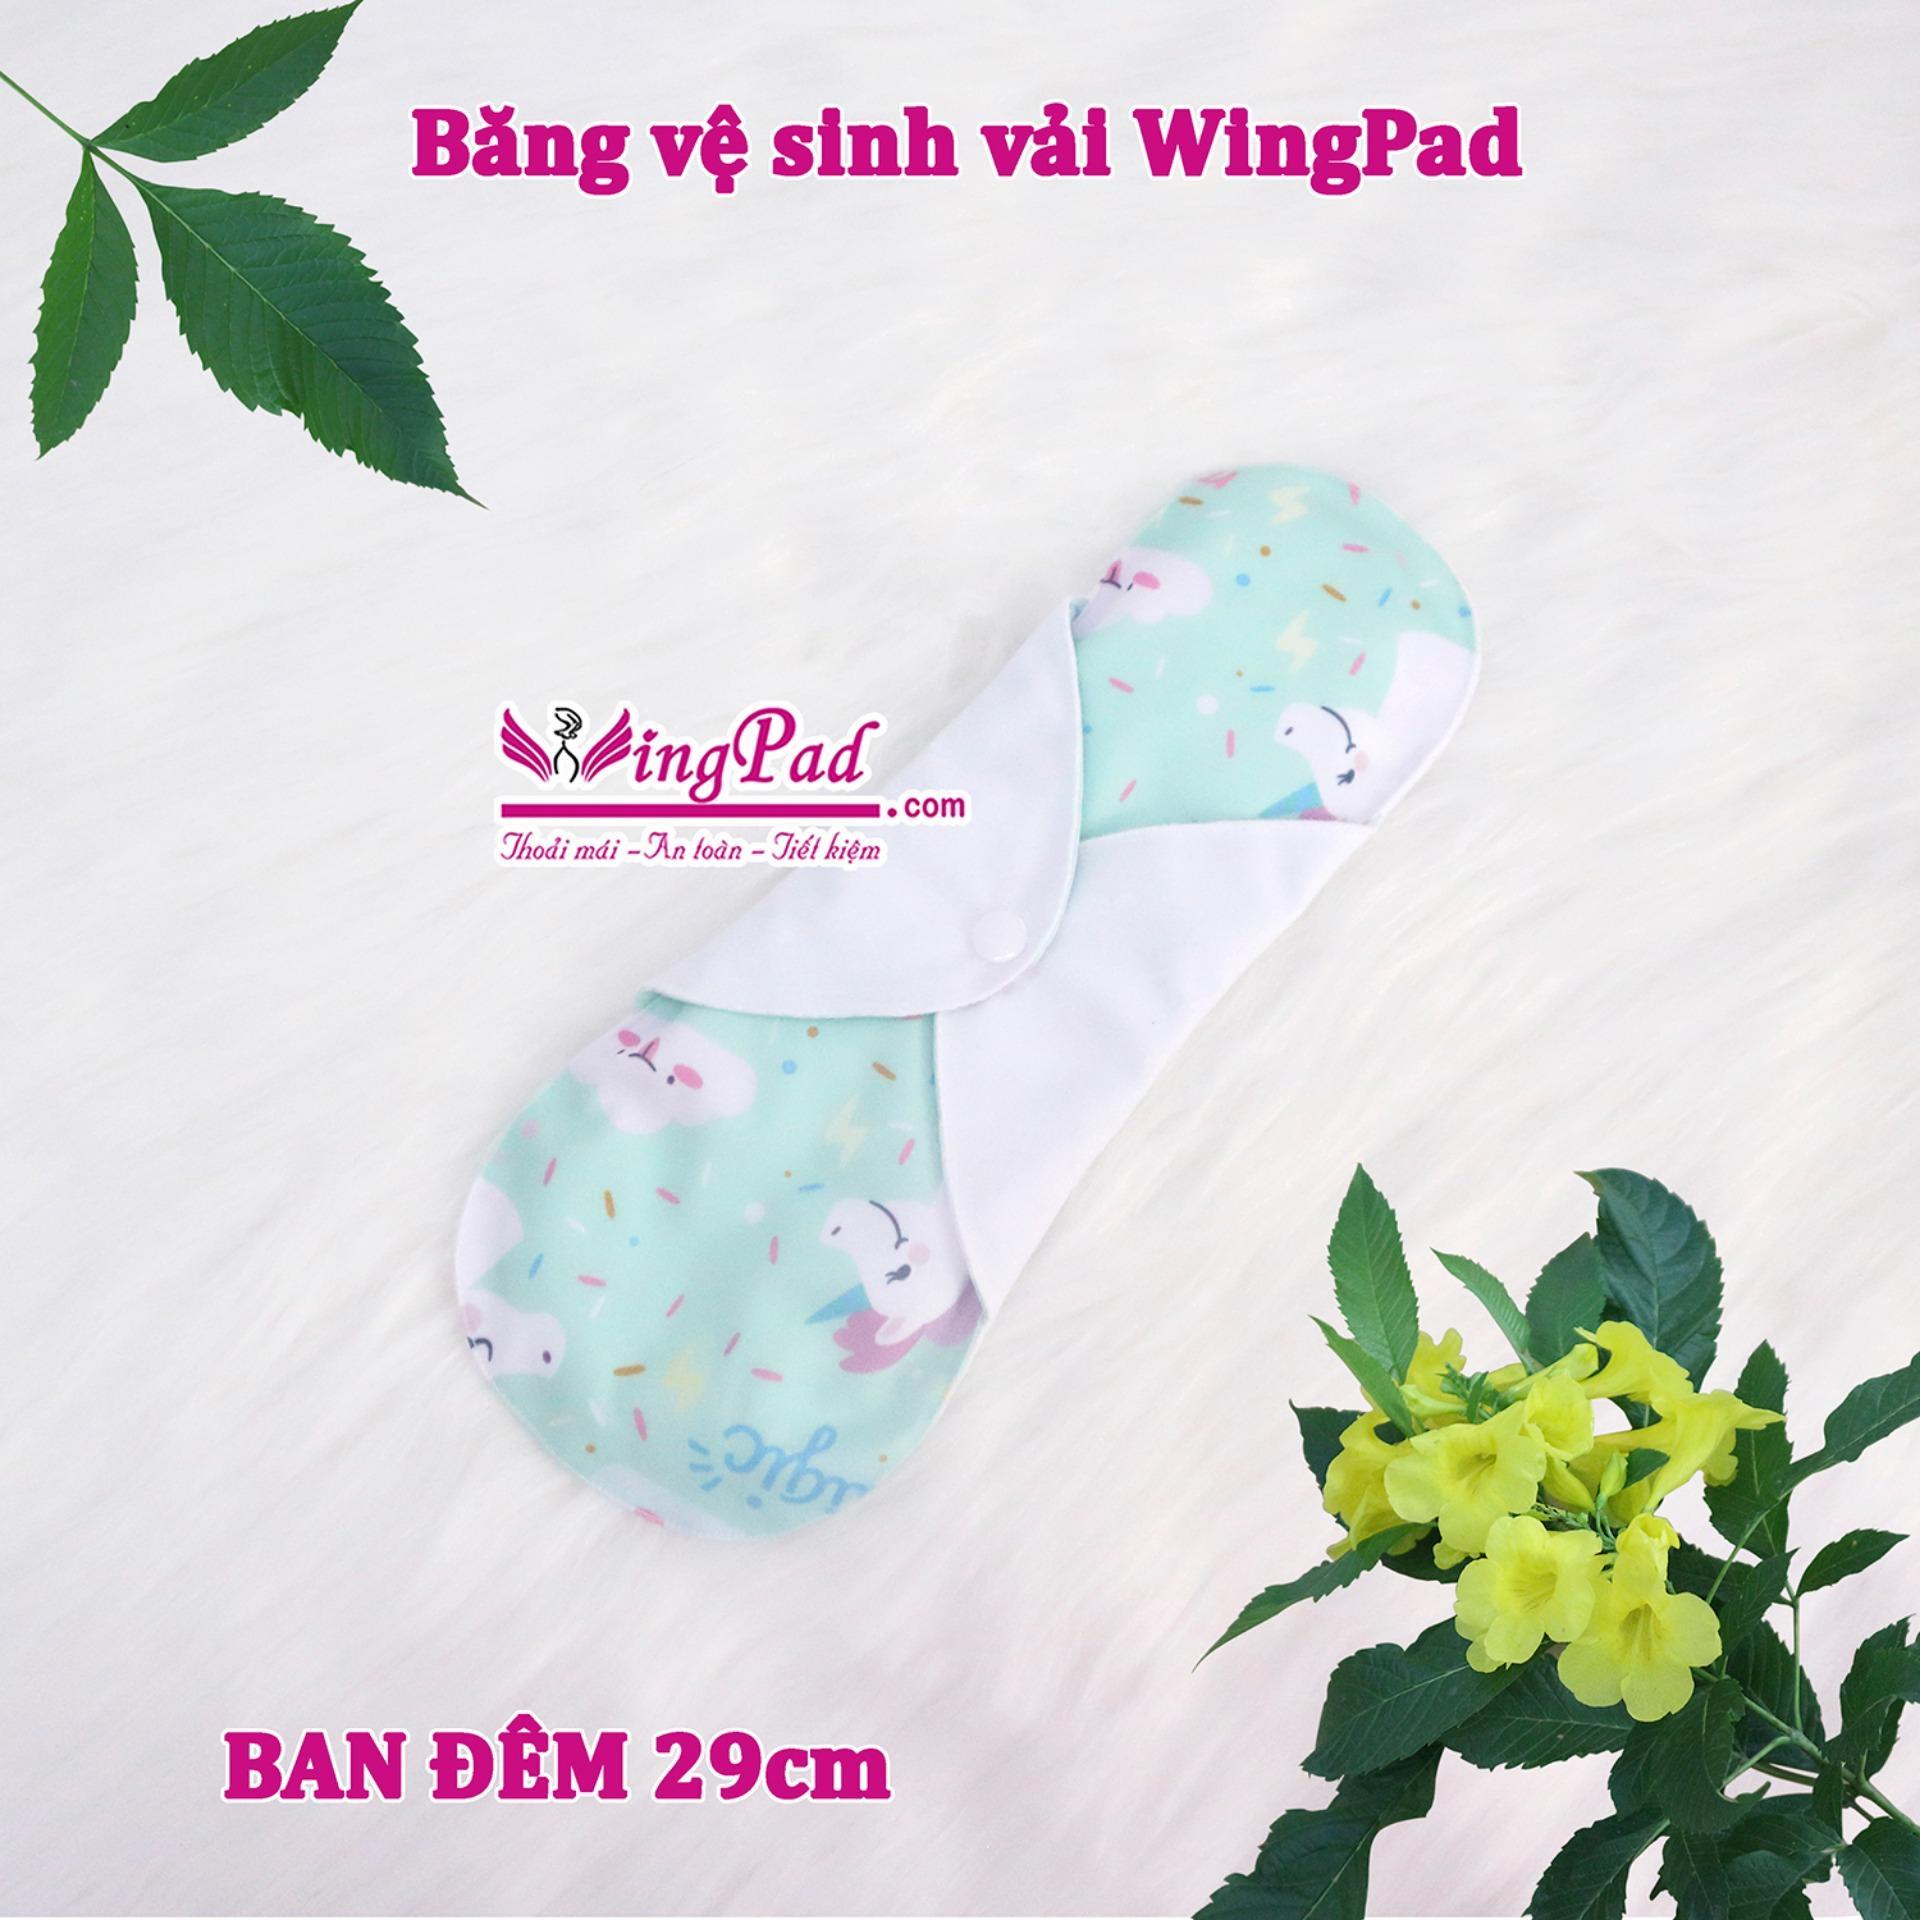 Băng vệ sinh vải WingPad ban Đêm 29cm (màu ngẫu nhiên)